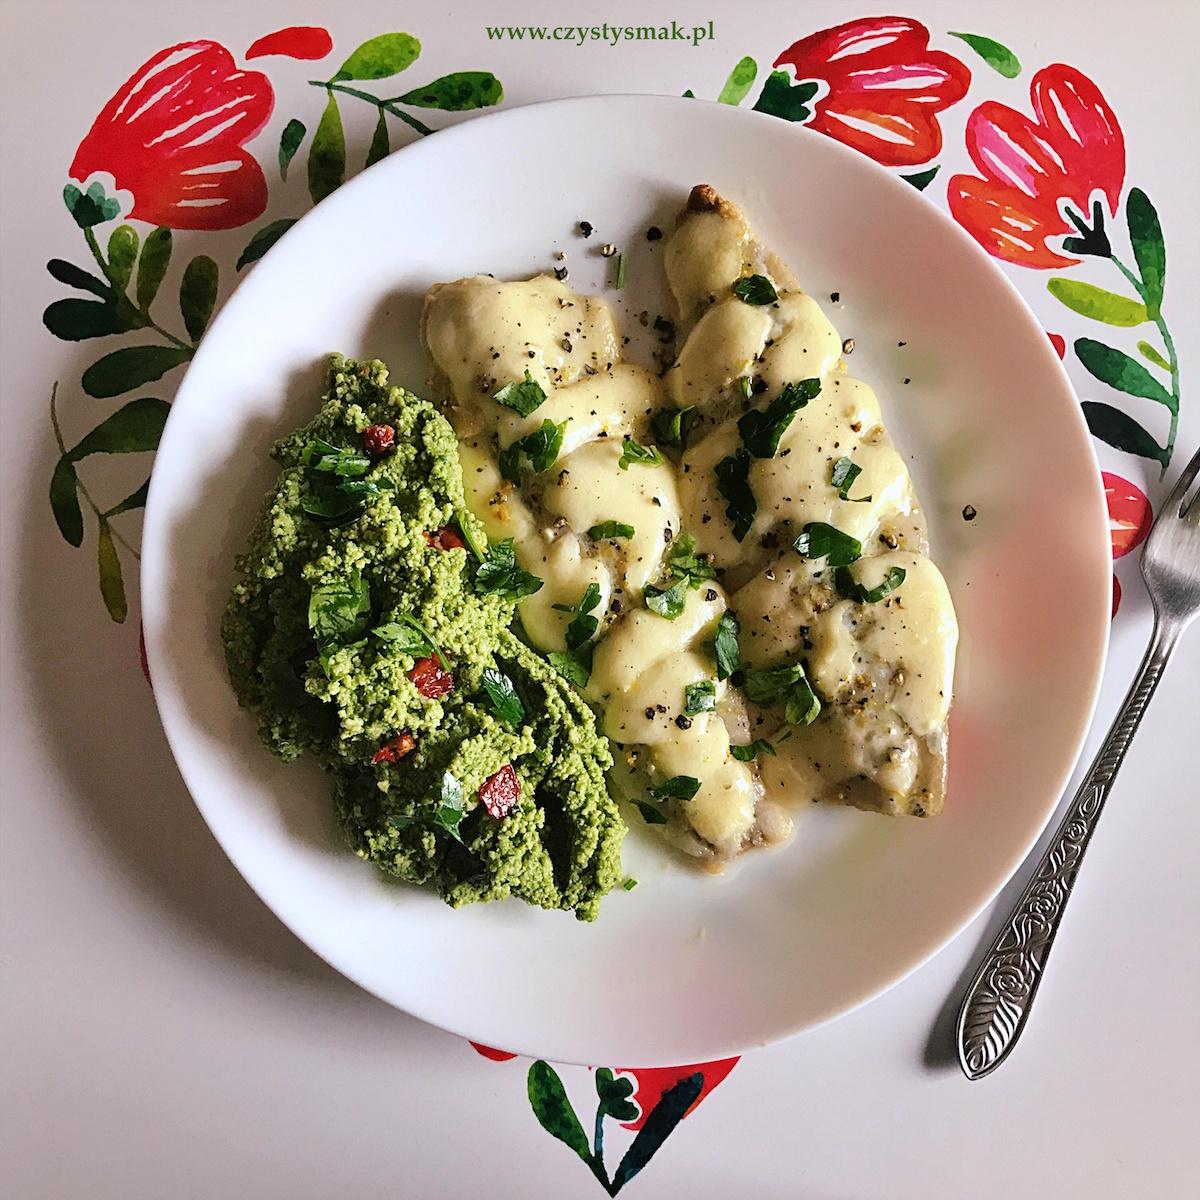 Filety śledziowe pieczone z mozzarellą